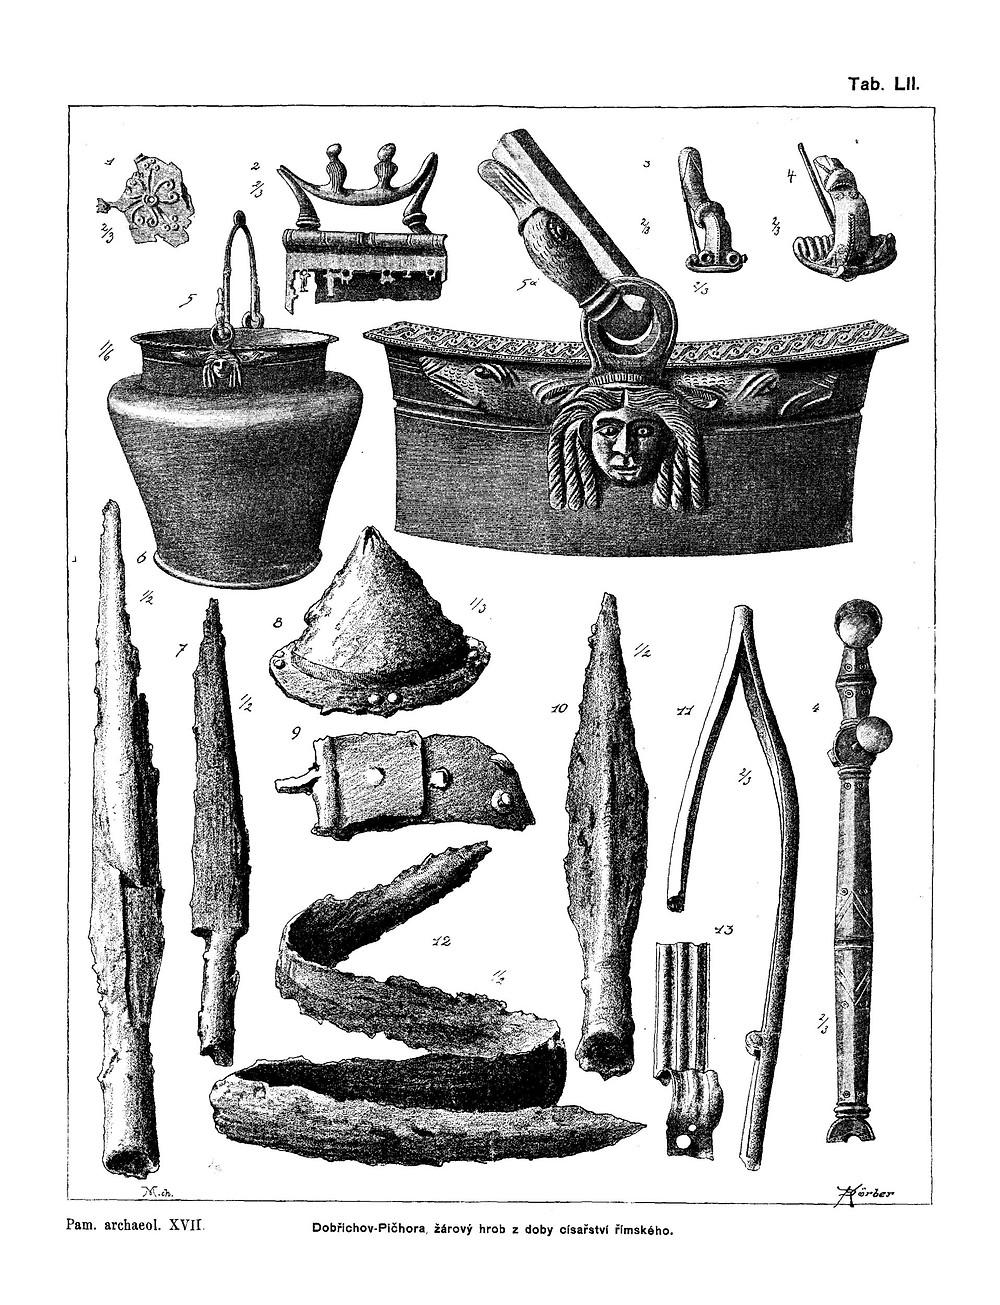 Nejstarší luxusní nálezy z Pičhory. Zdroj Památky archeologické XVII